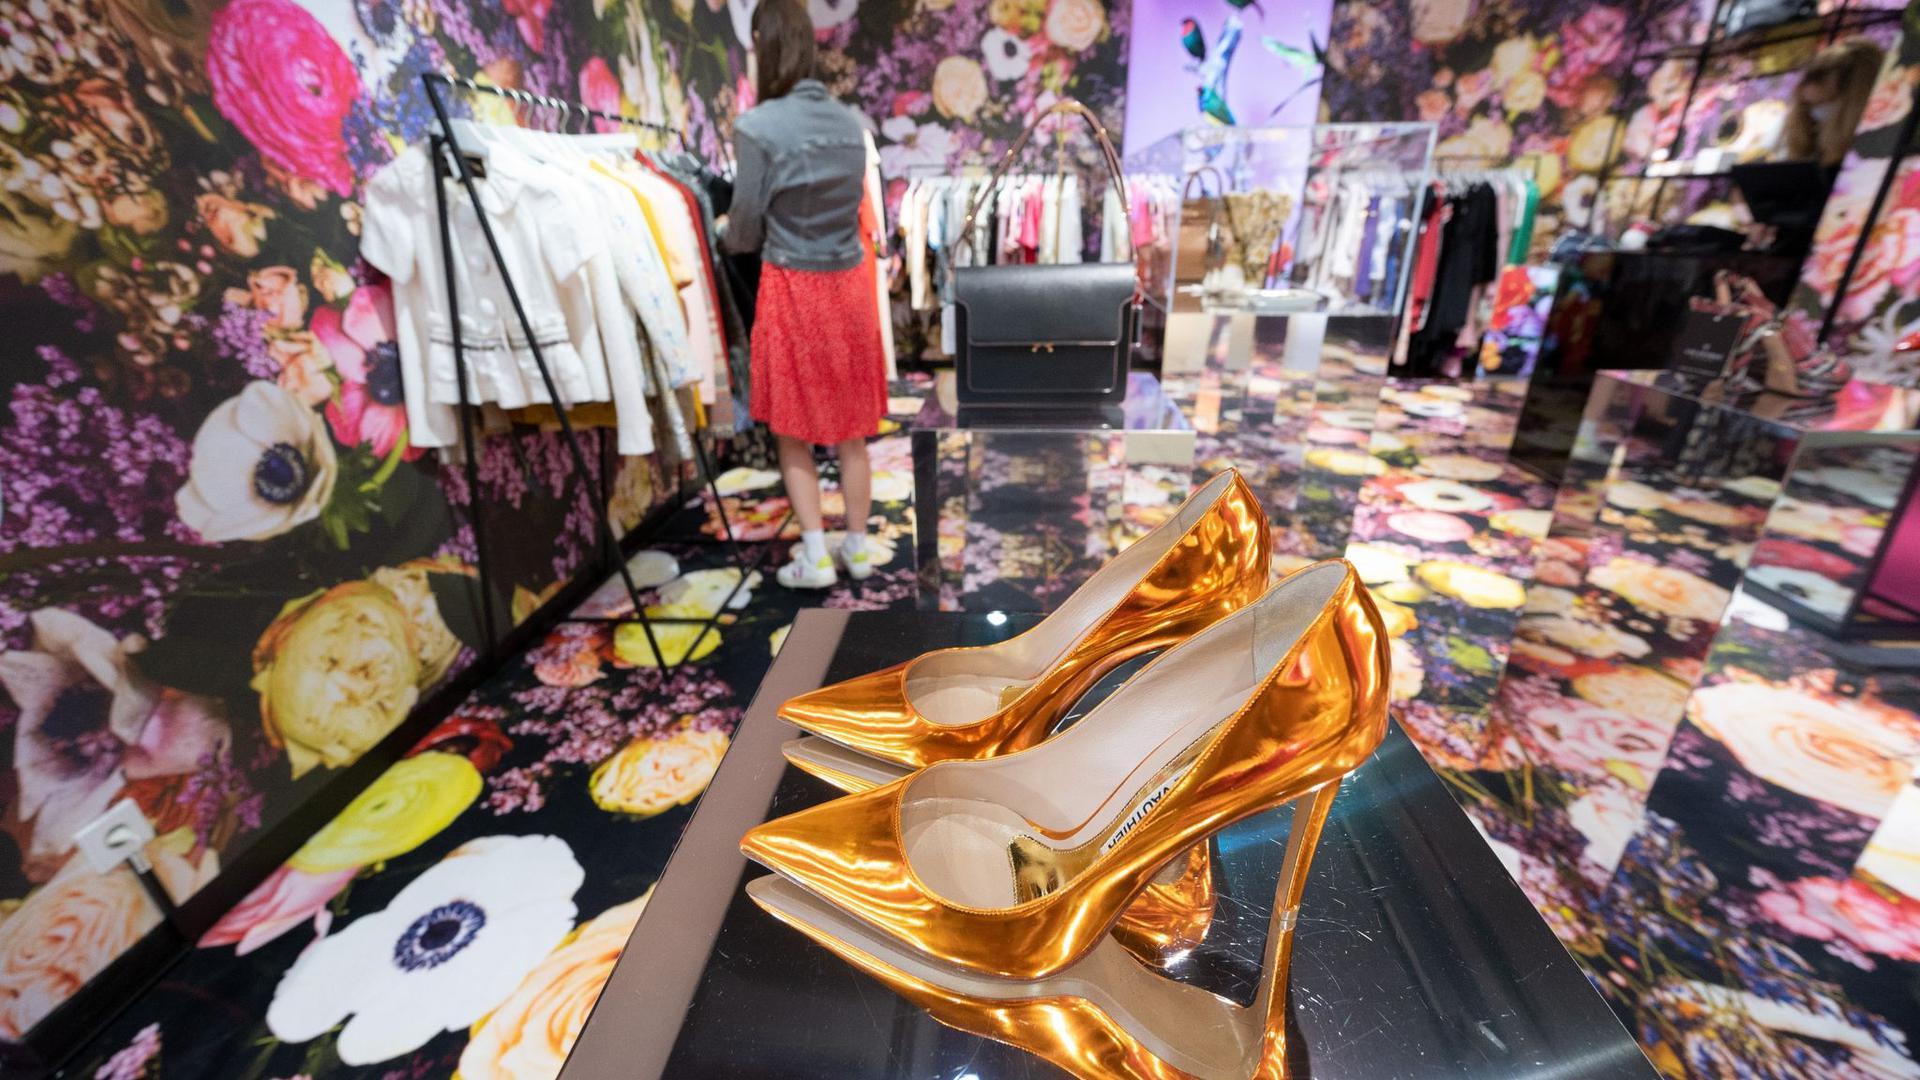 Eine Frau stöbert in einem Secondhand-Store im Kaufhaus Breuninger durch die Gebrauchttextilien.